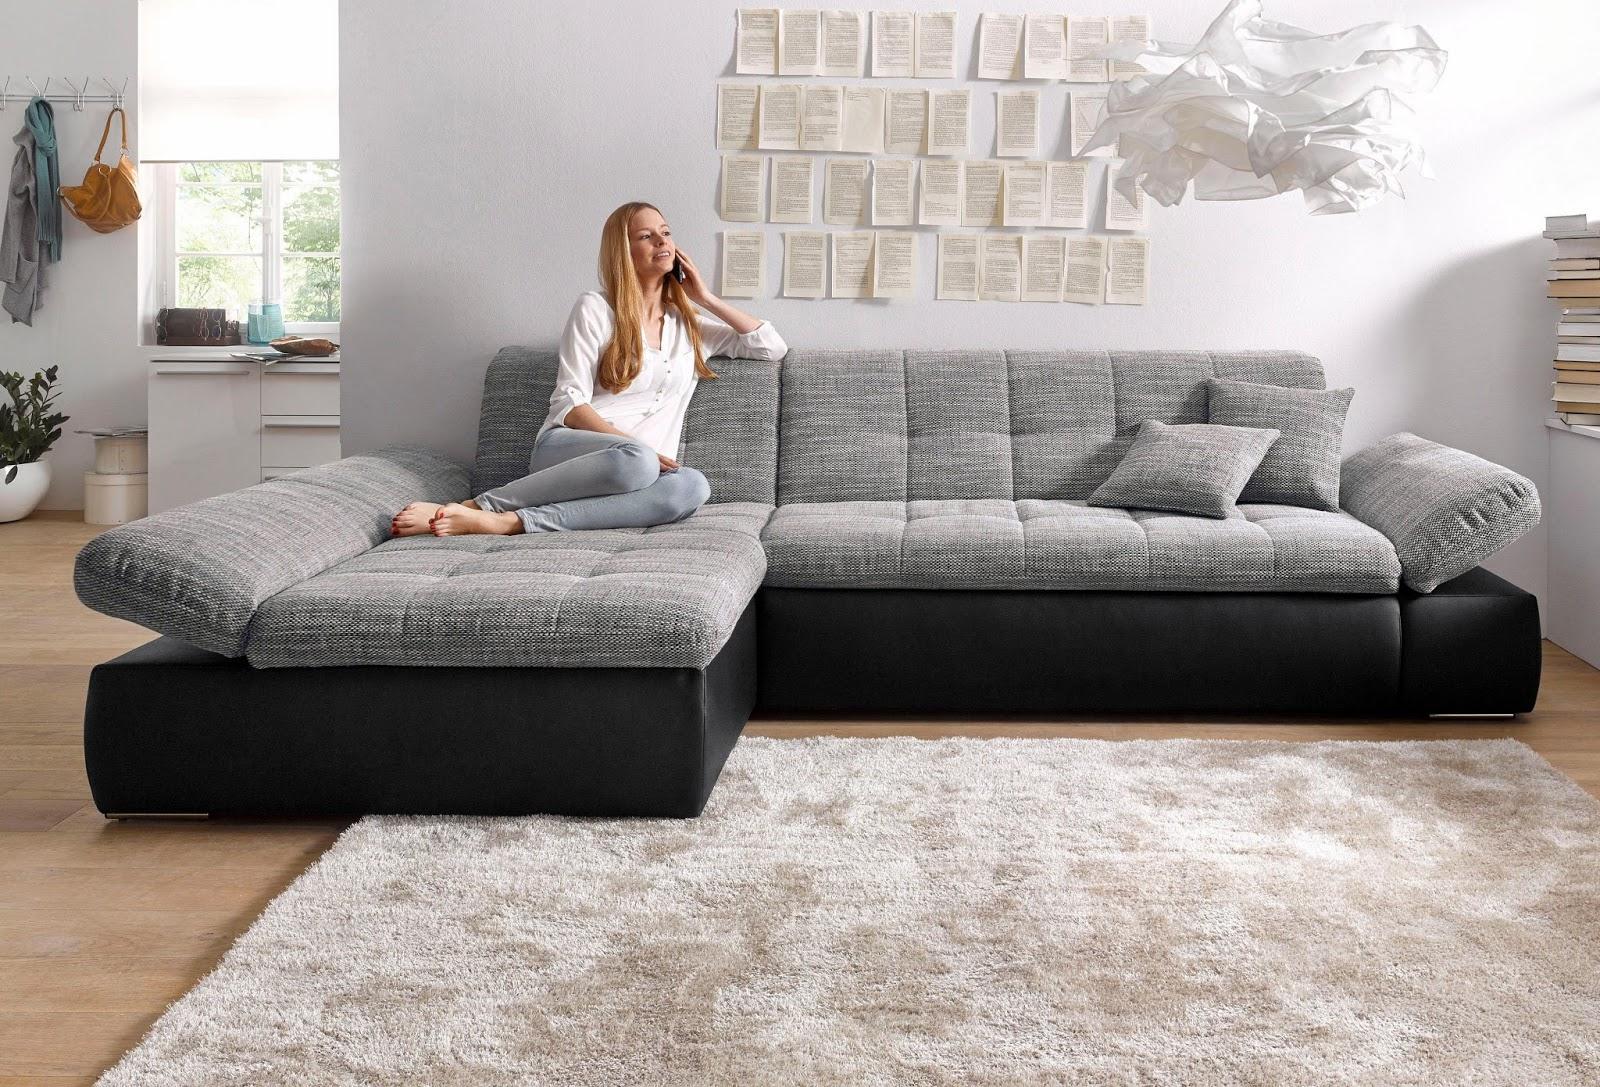 wohnzimmer couch gnstig  Home Creation